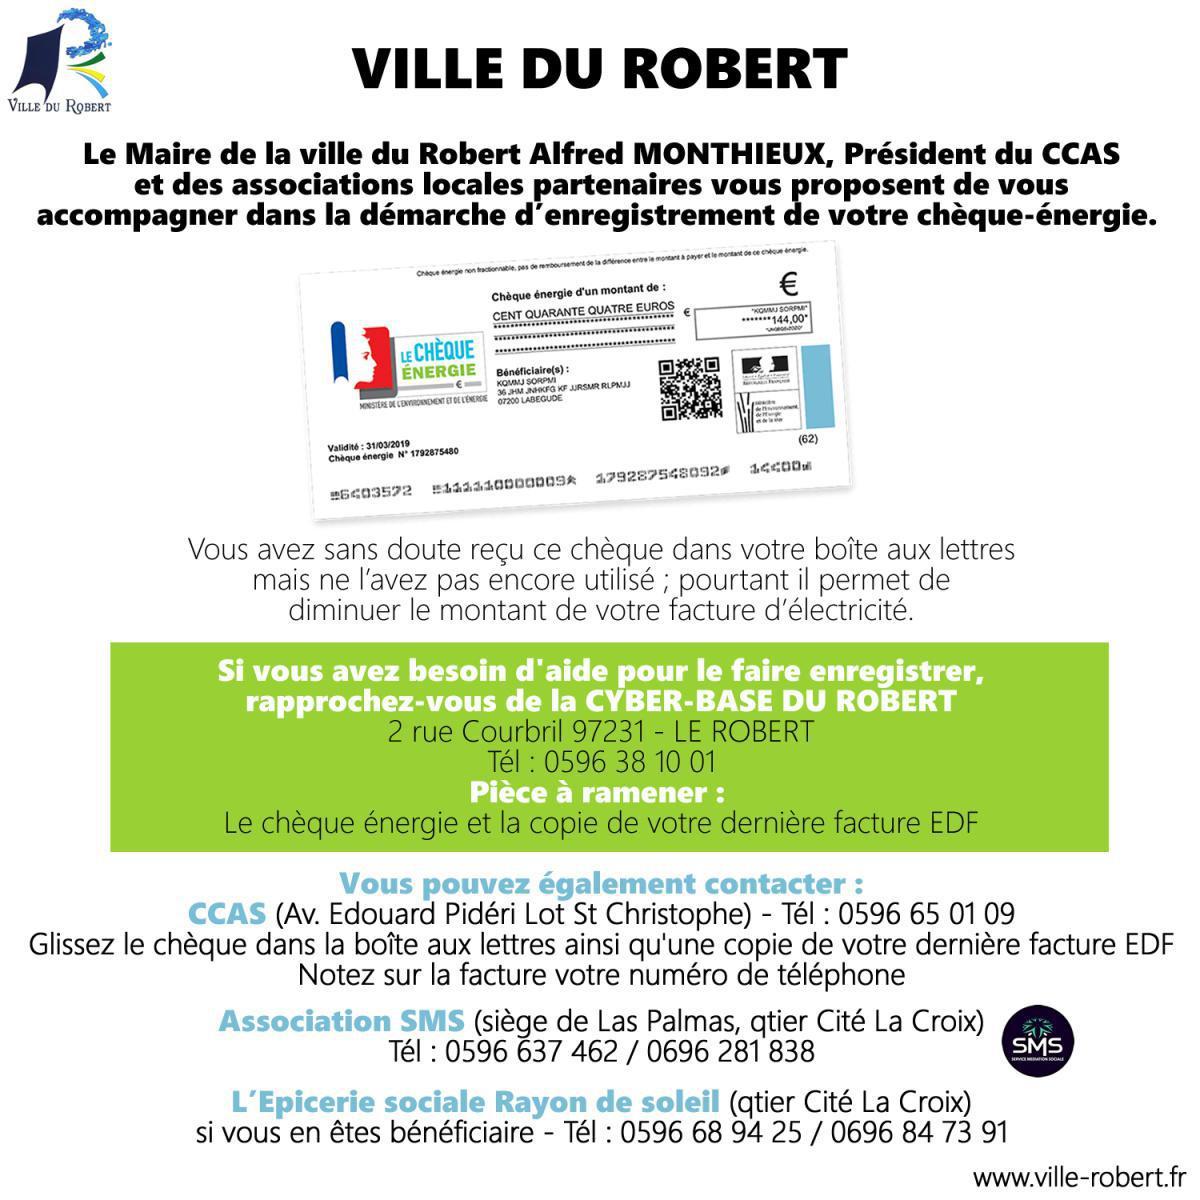 LA VILLE DU ROBERT VOUS ACCOMPAGNE DANS VOS DÉMARCHES D'ENREGISTREMENT DU CHÈQUE-ÉNERGIE